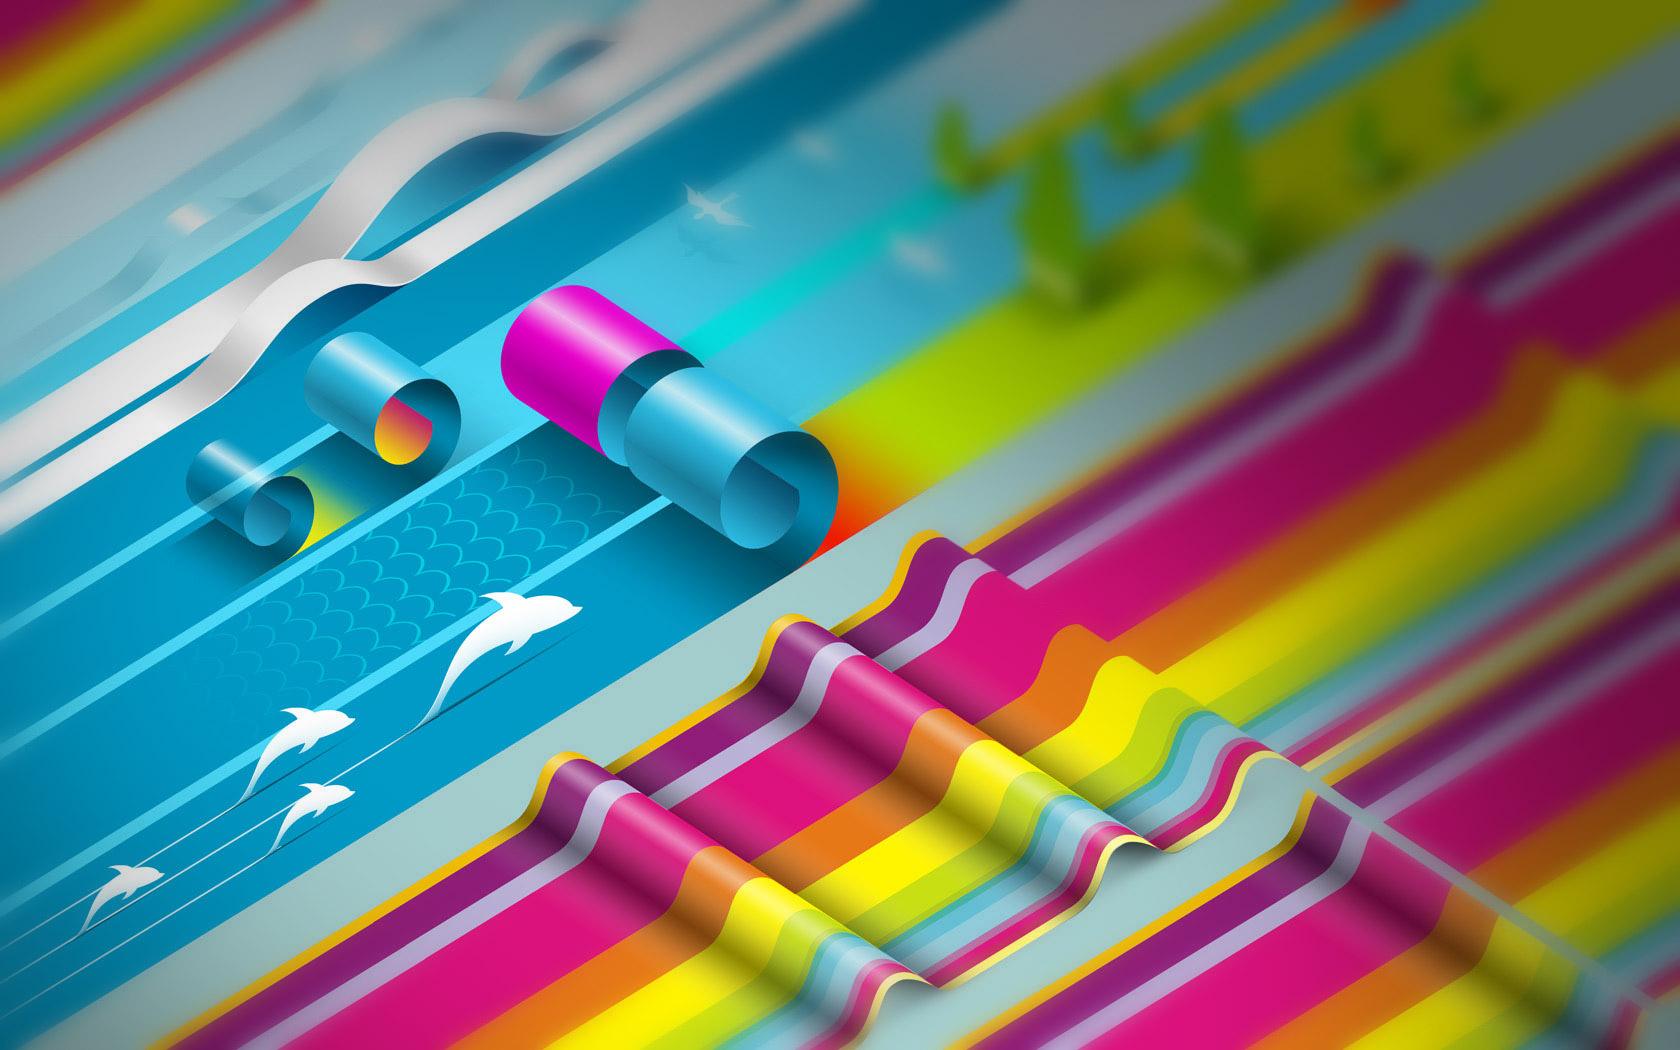 Colorful Wallpaper Images - WallpaperSafari